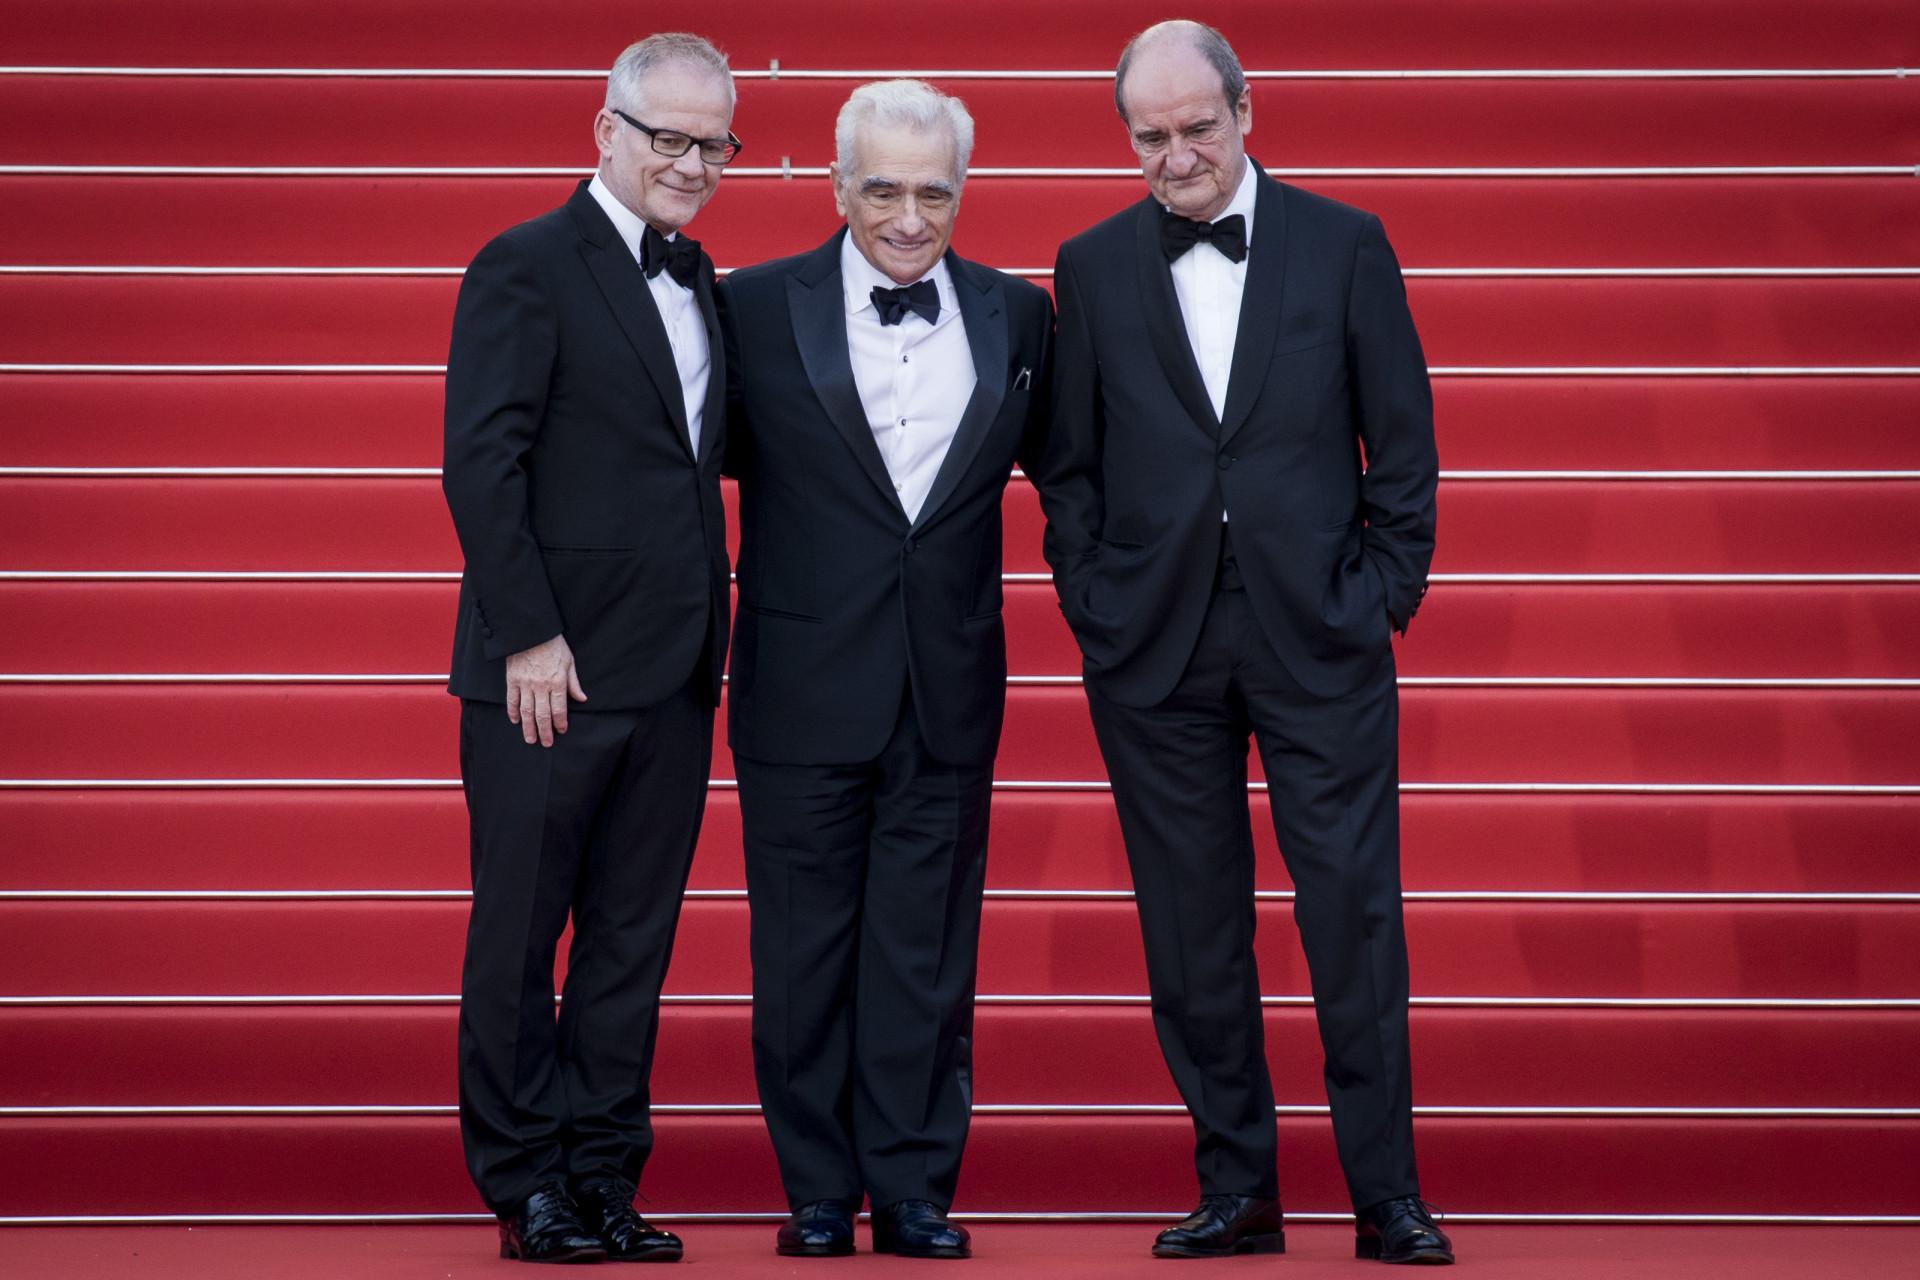 Os melhores looks da primeira semana do Festival de Cannes